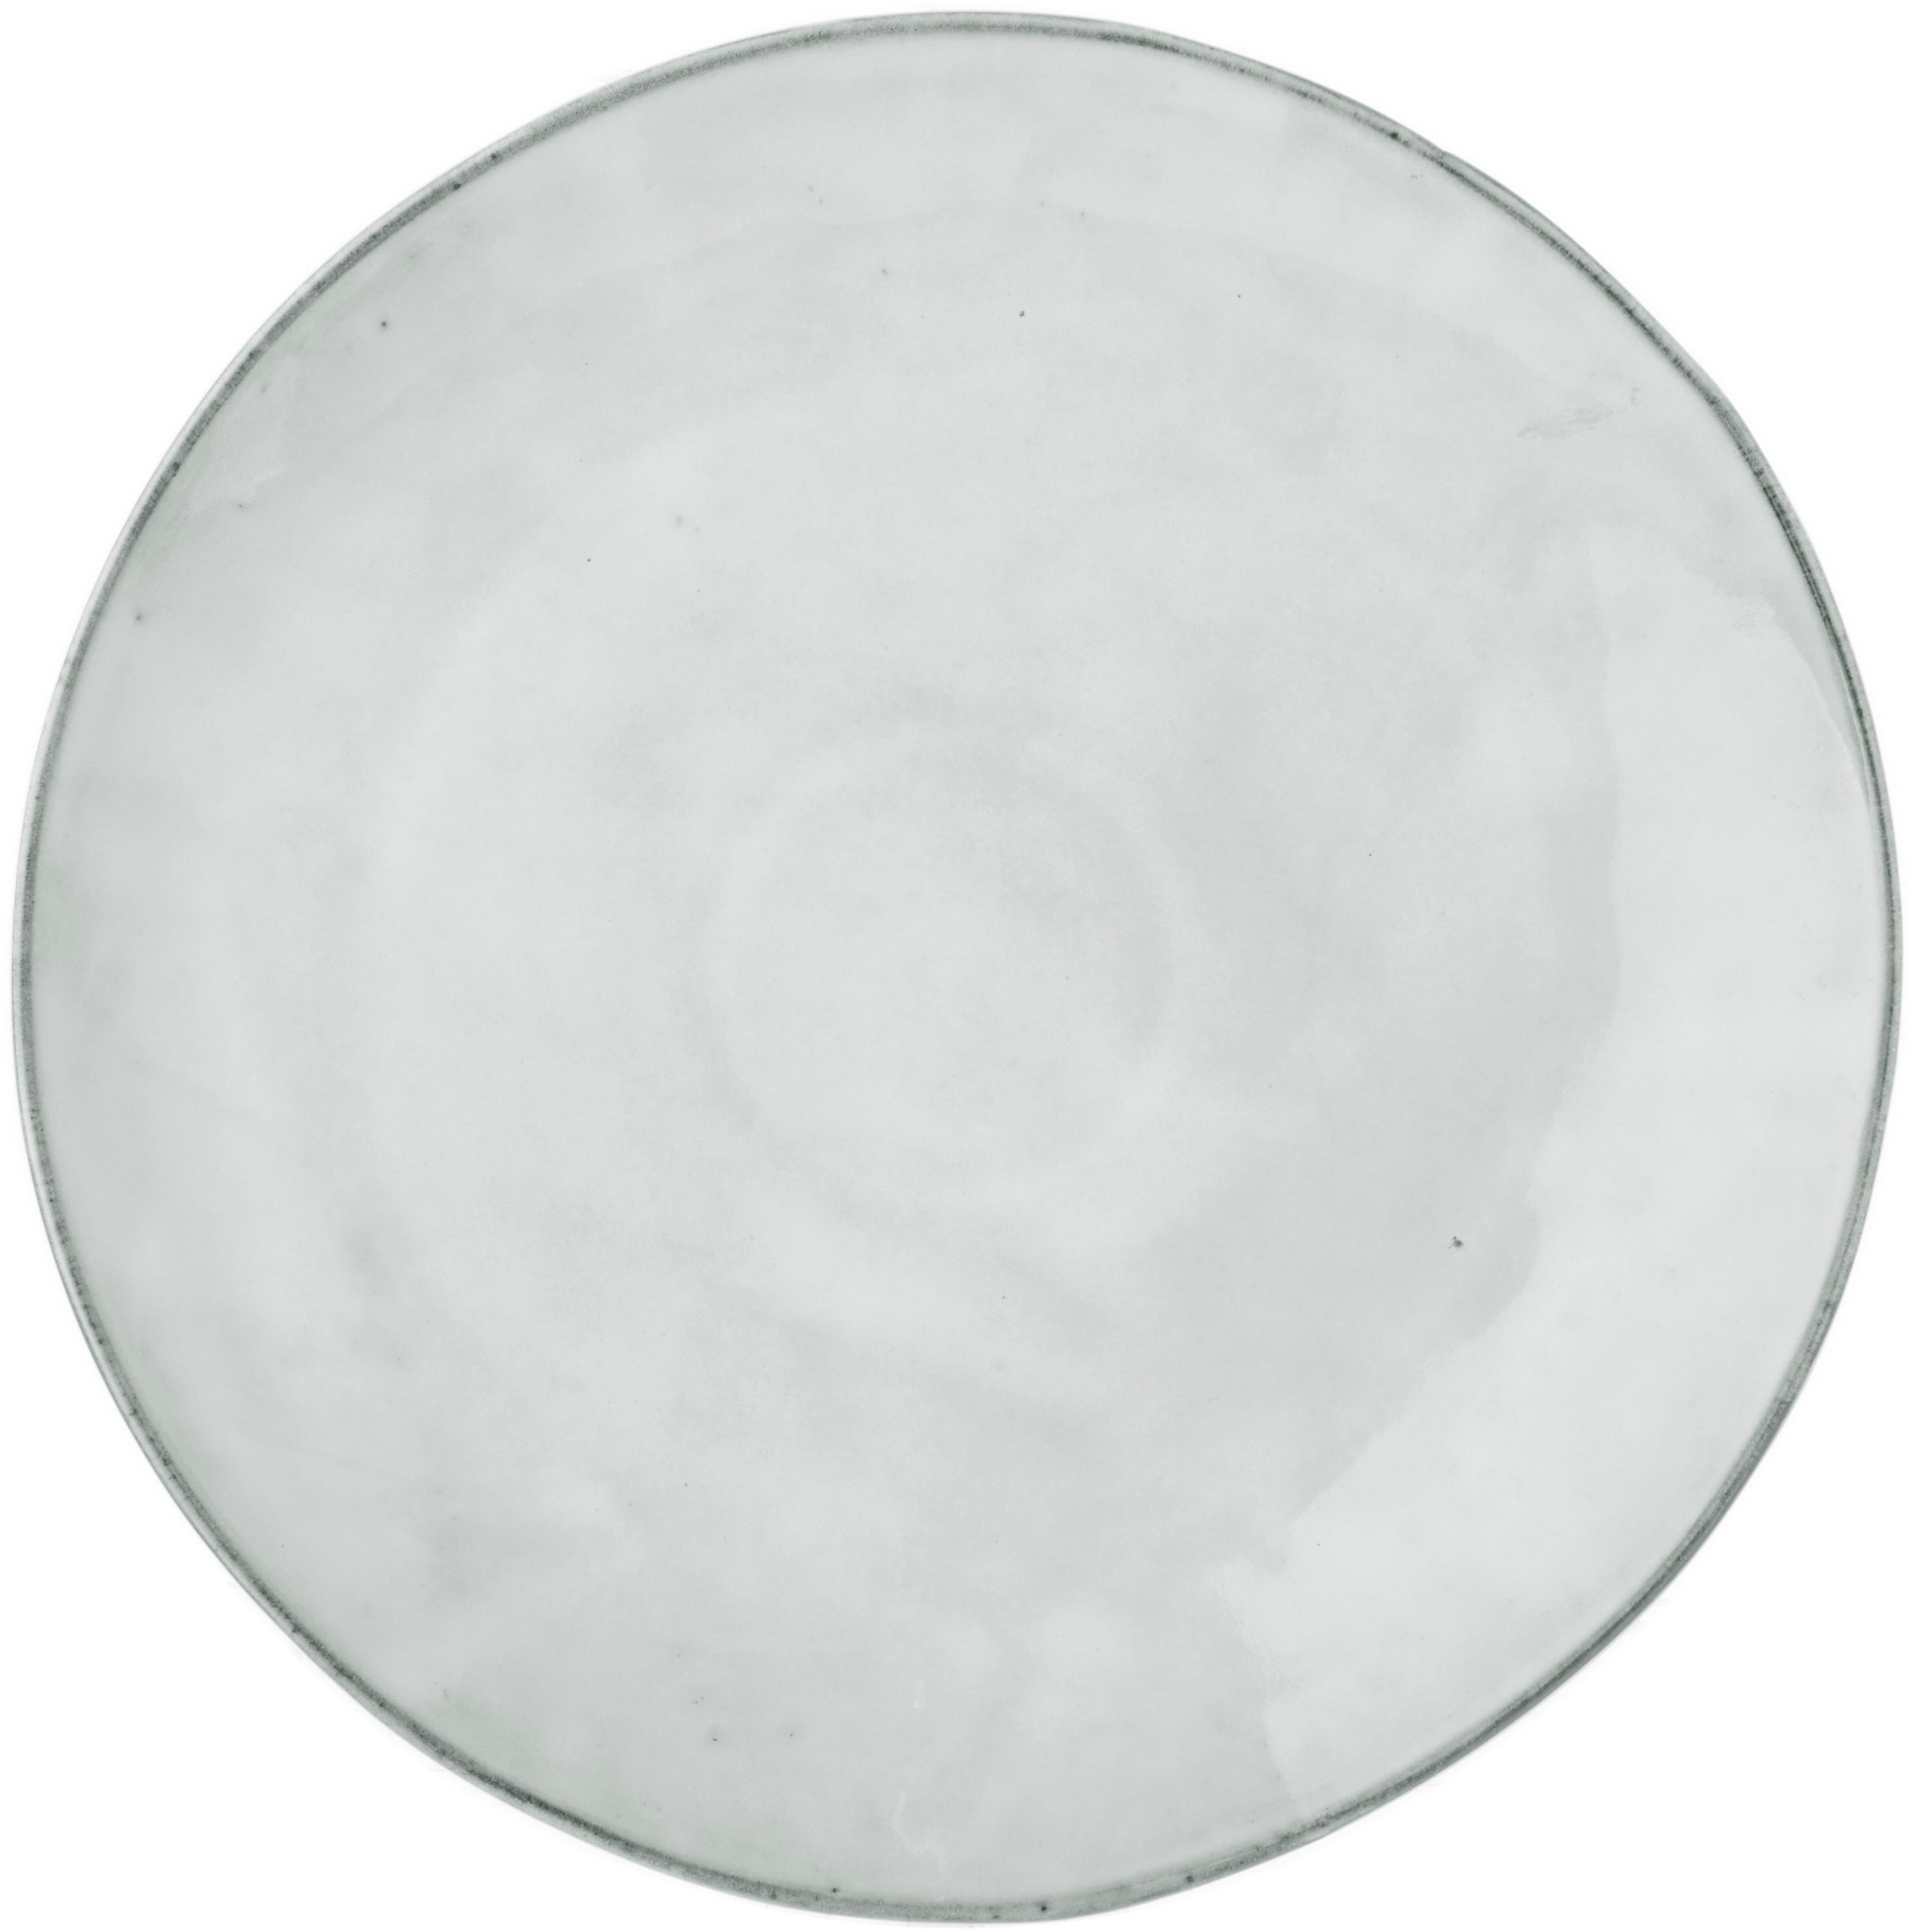 Sottopiatto fatto a mano Nordic Sand 4 pz, Terracotta, Sabbia, Ø 31 cm